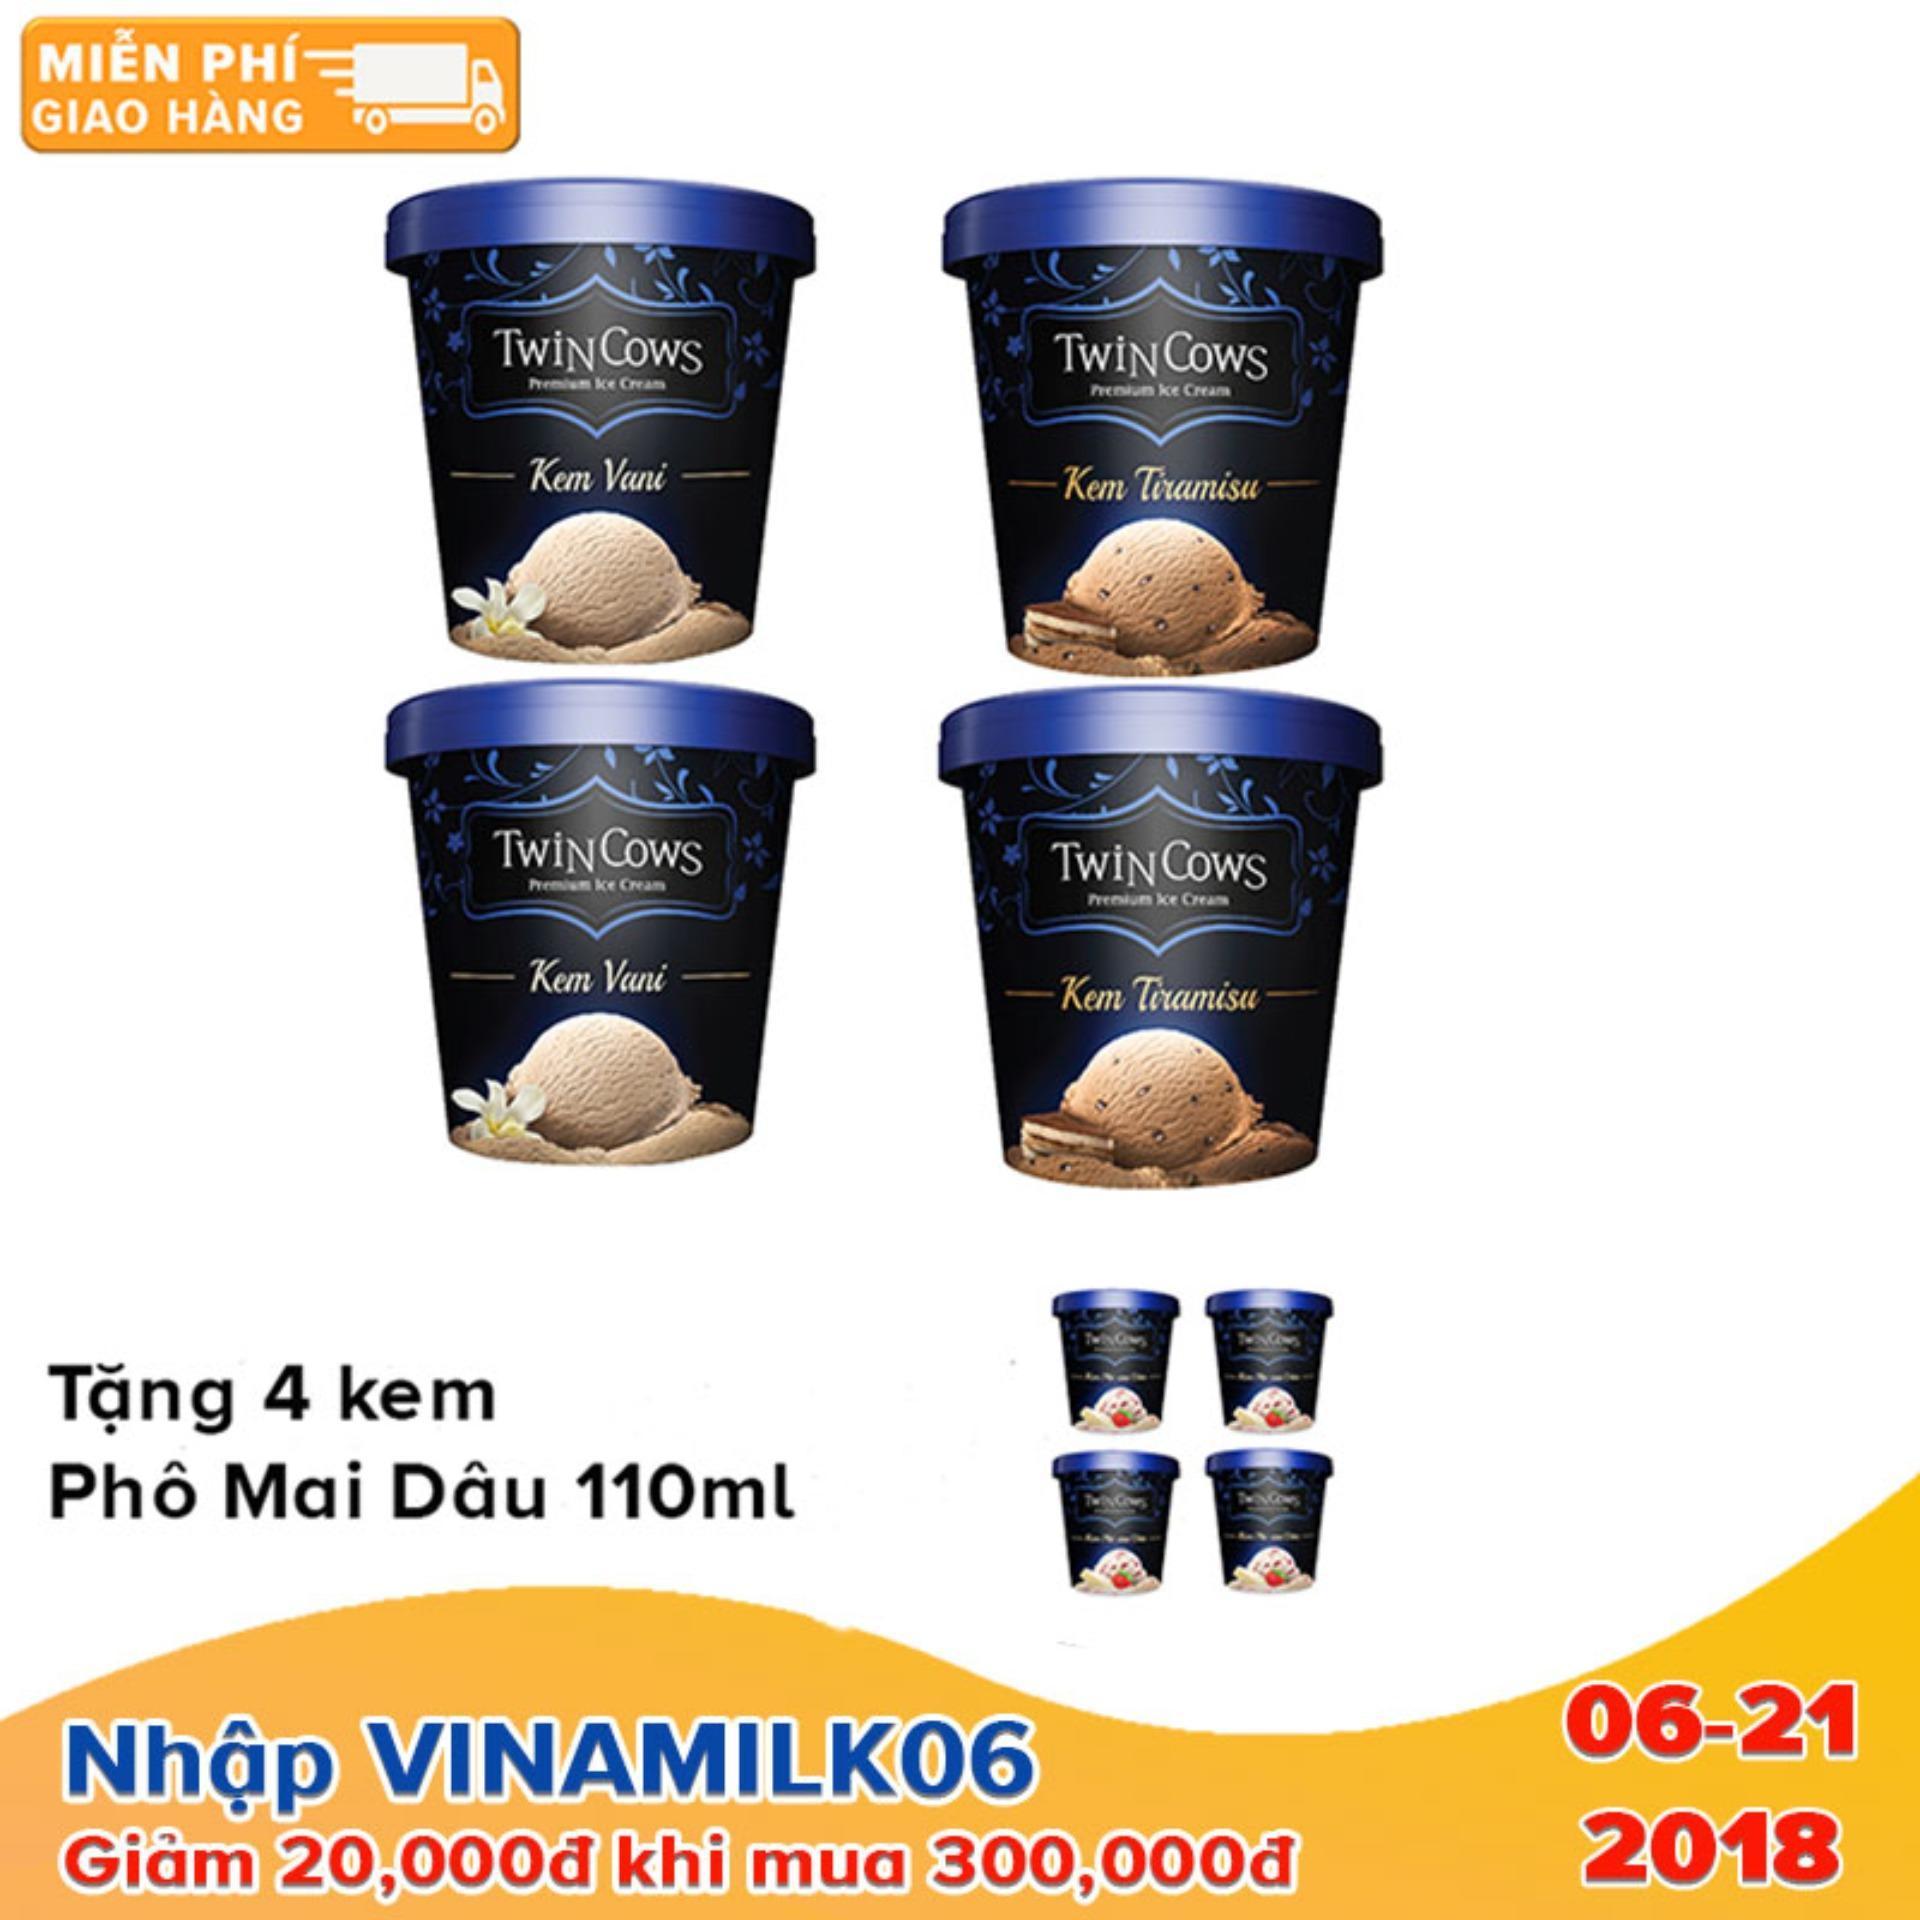 Bộ 4 hộp kem Twincows 450ml các vị Tiramisu + Vani - Tặng 4 hộp kem Twincows phô mai dâu ly 100ml